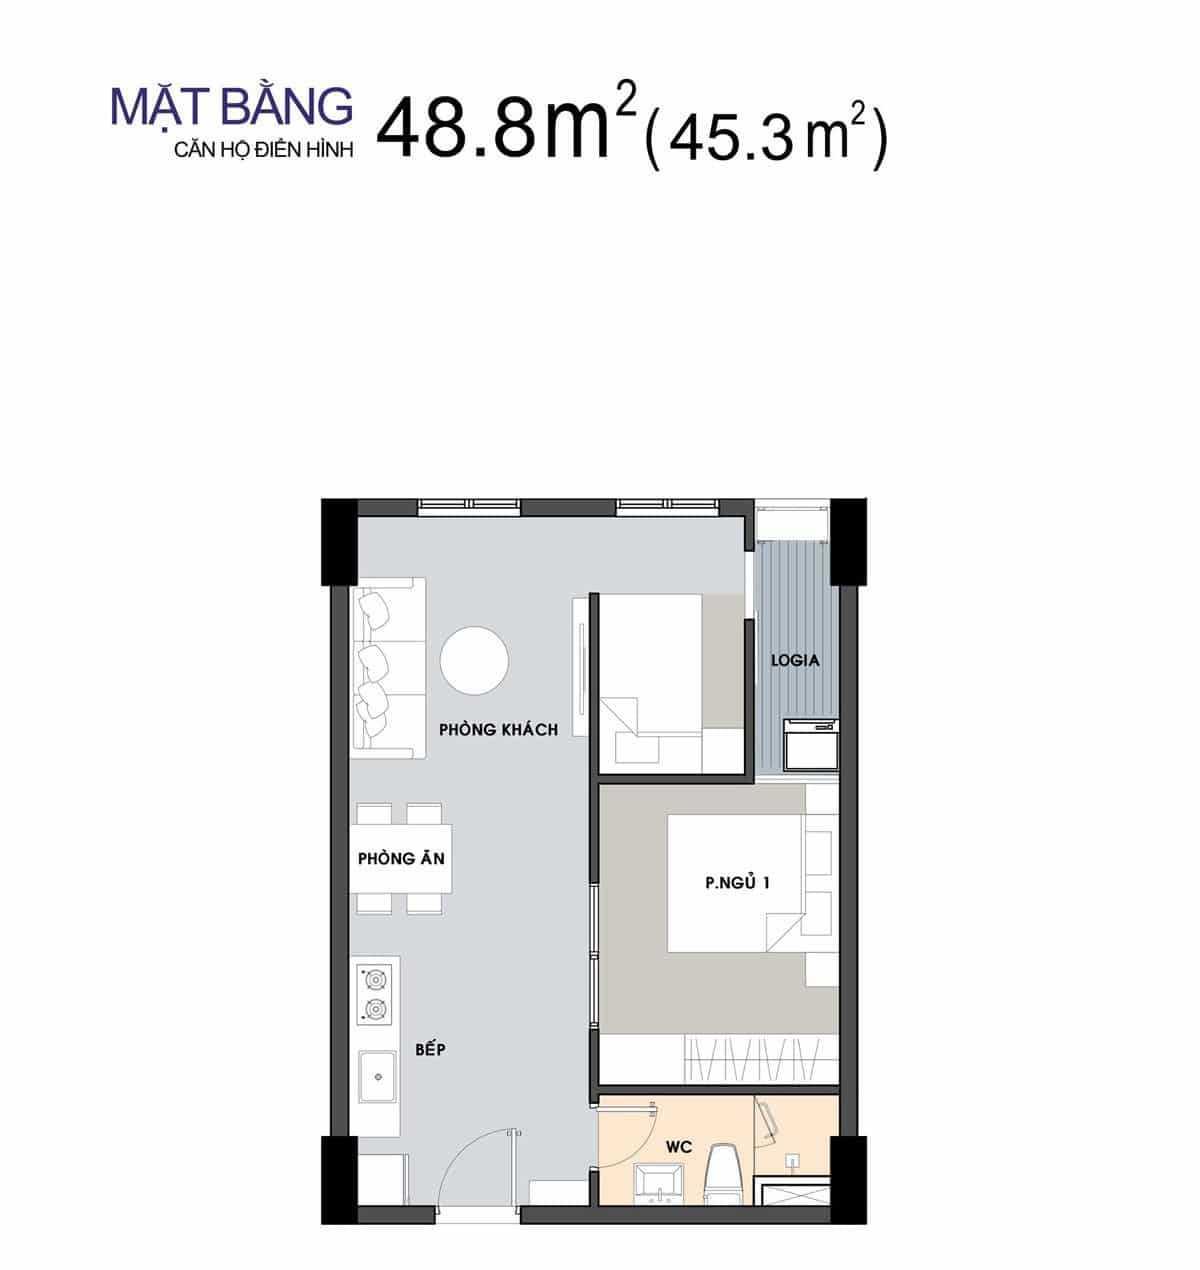 thiet ke can ho 488 m2 1 phong ngu picity 2020 - PICITY HIGH PARK QUẬN 12